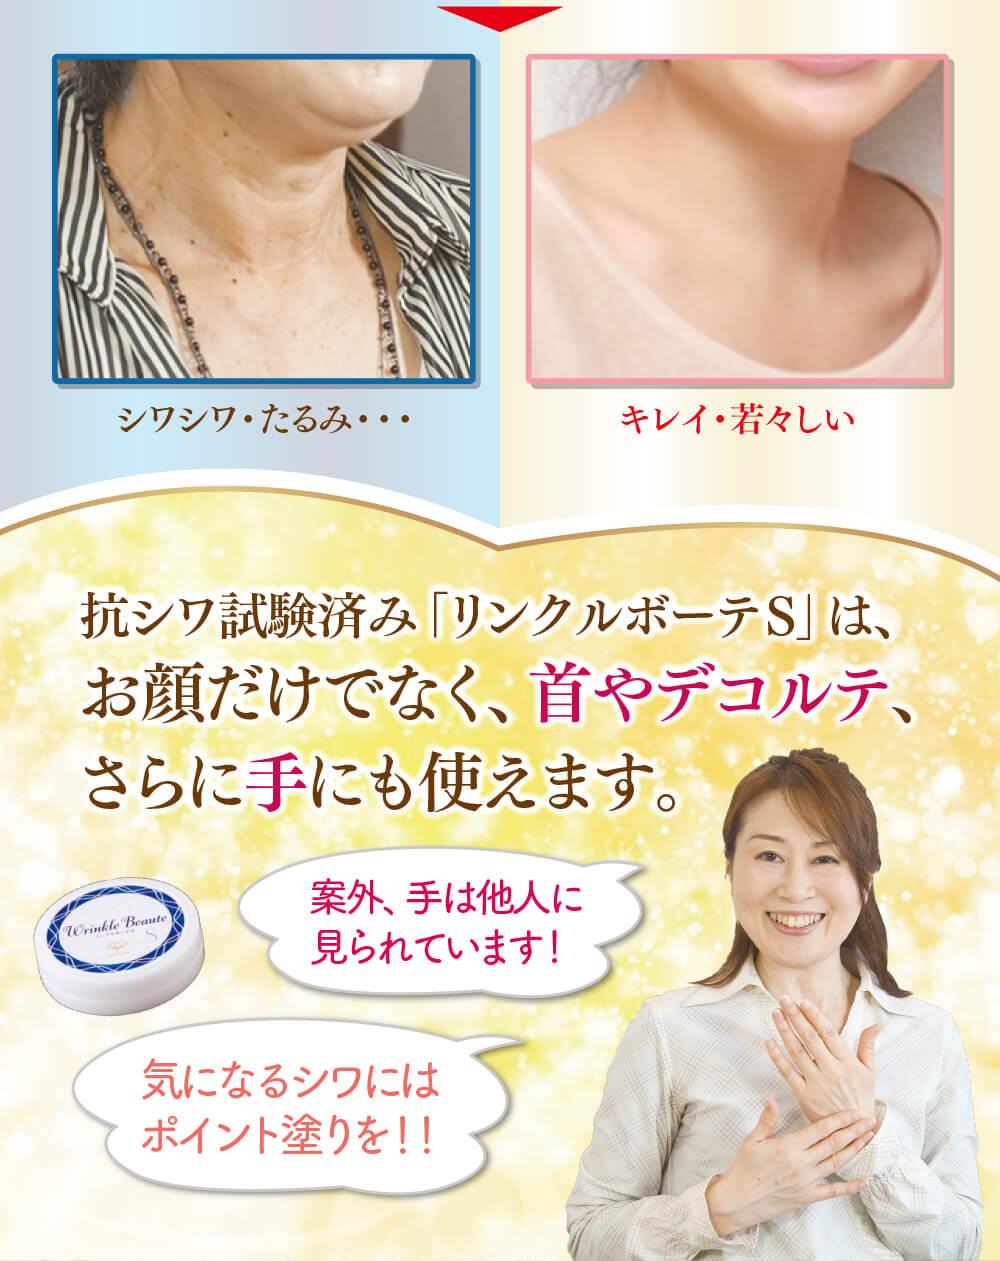 抗シワ試験済みリンクルボーテSはお顔だけでなく、首やデコルテ、手にも使えます。案外手は人に見られています。